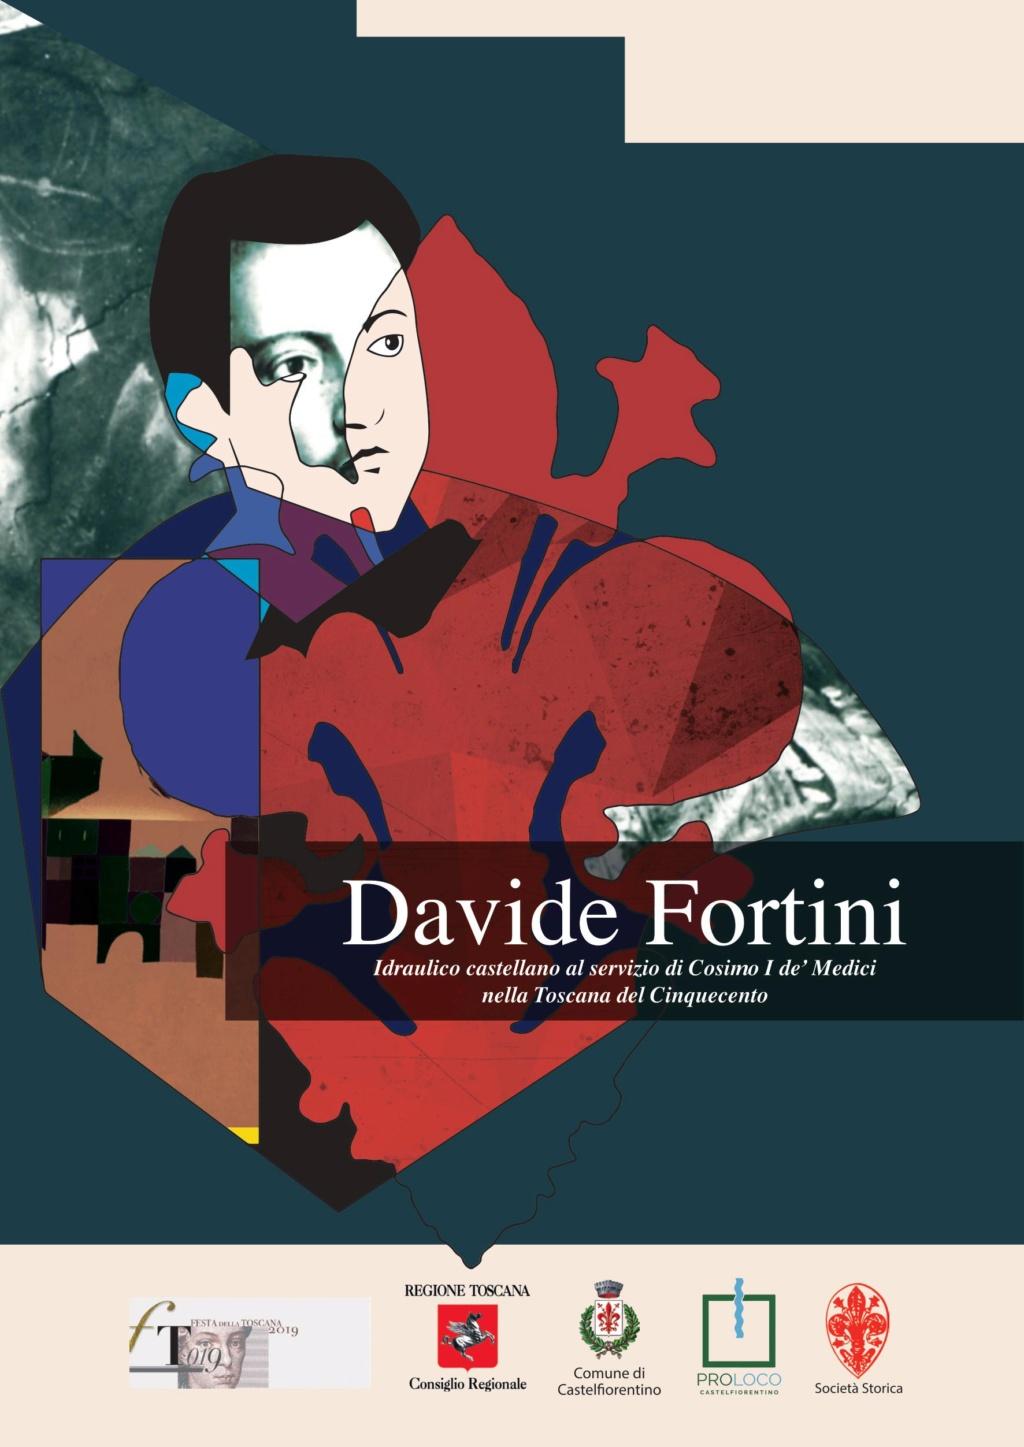 Davide Fortini. Idraulico castellano al servizio di Cosimo I De' Medici Festa_11